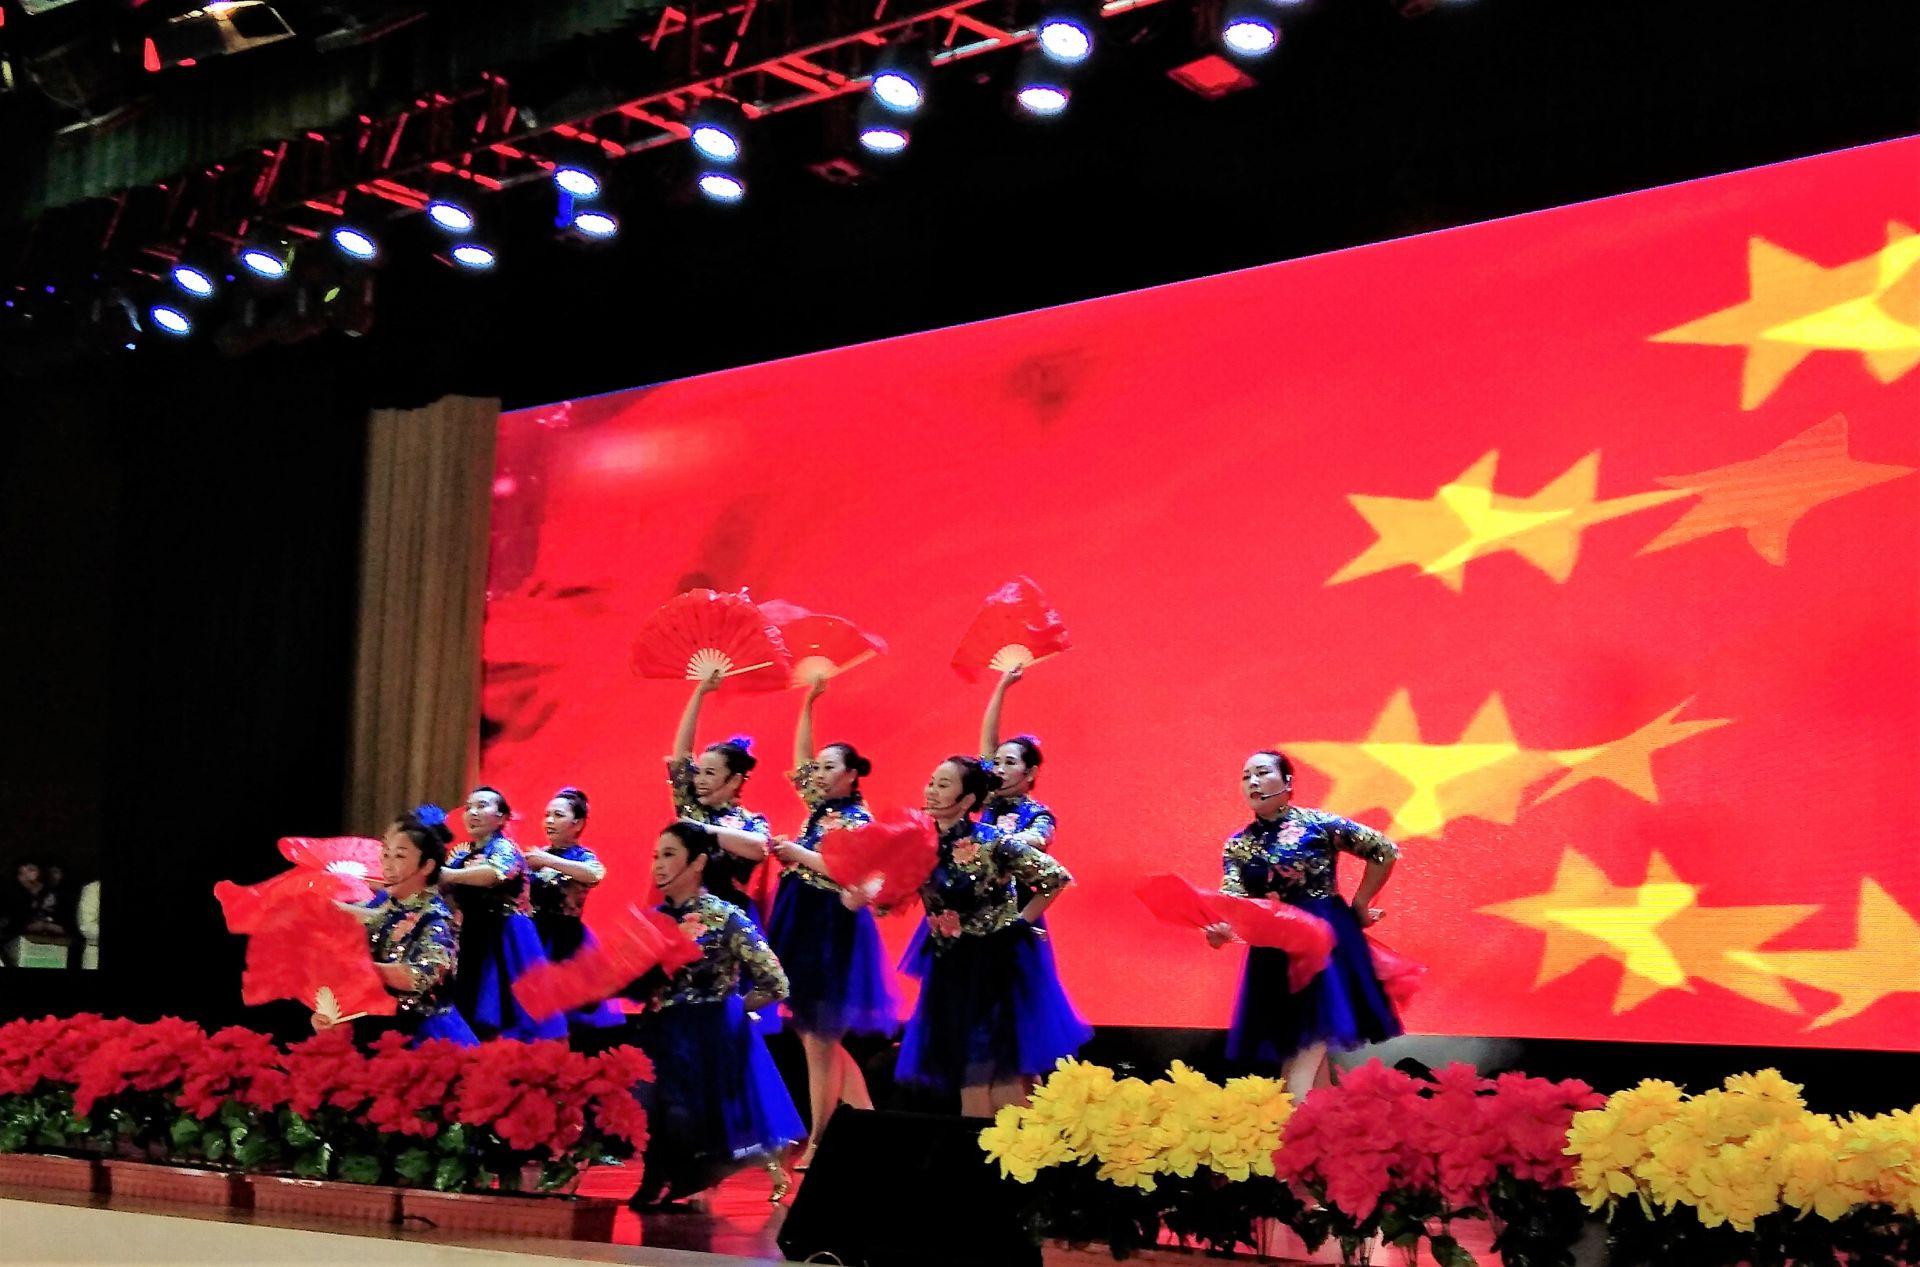 演出现场,京剧,古筝等传统中国风节目让人叫好,印度舞,动感秀舞等现代